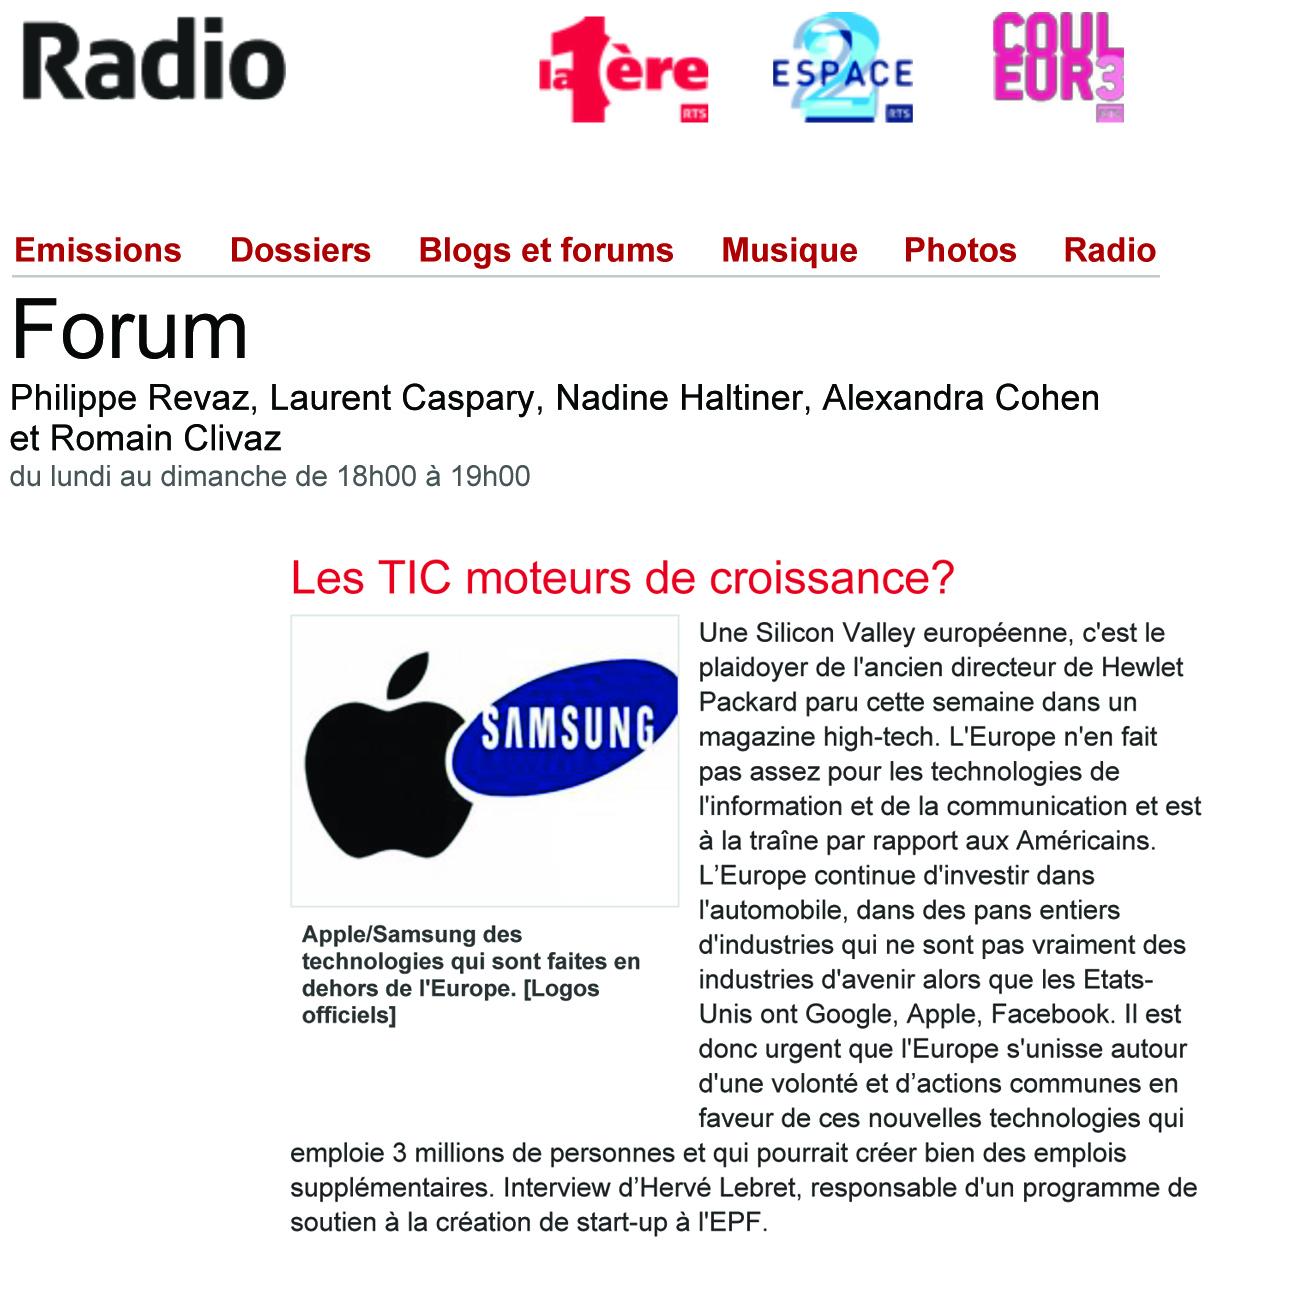 Forum-SiliconValleyEuropeenne